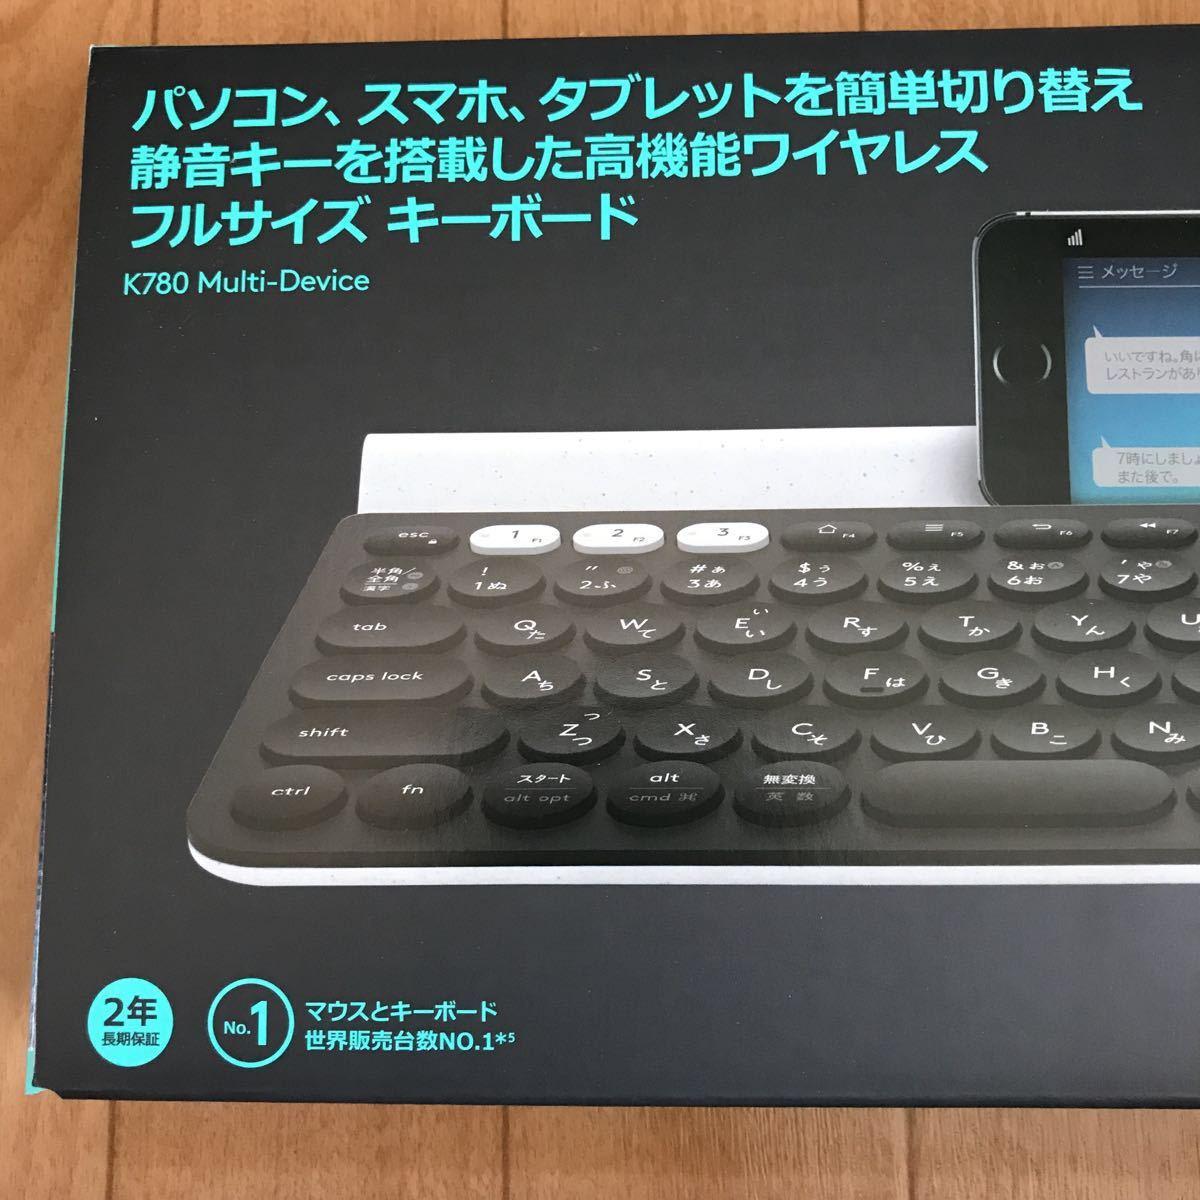 新品未使用 Logicool ワイヤレスキーボード K780 マルチデバイス対応 ロジクール Bluetooth_画像4